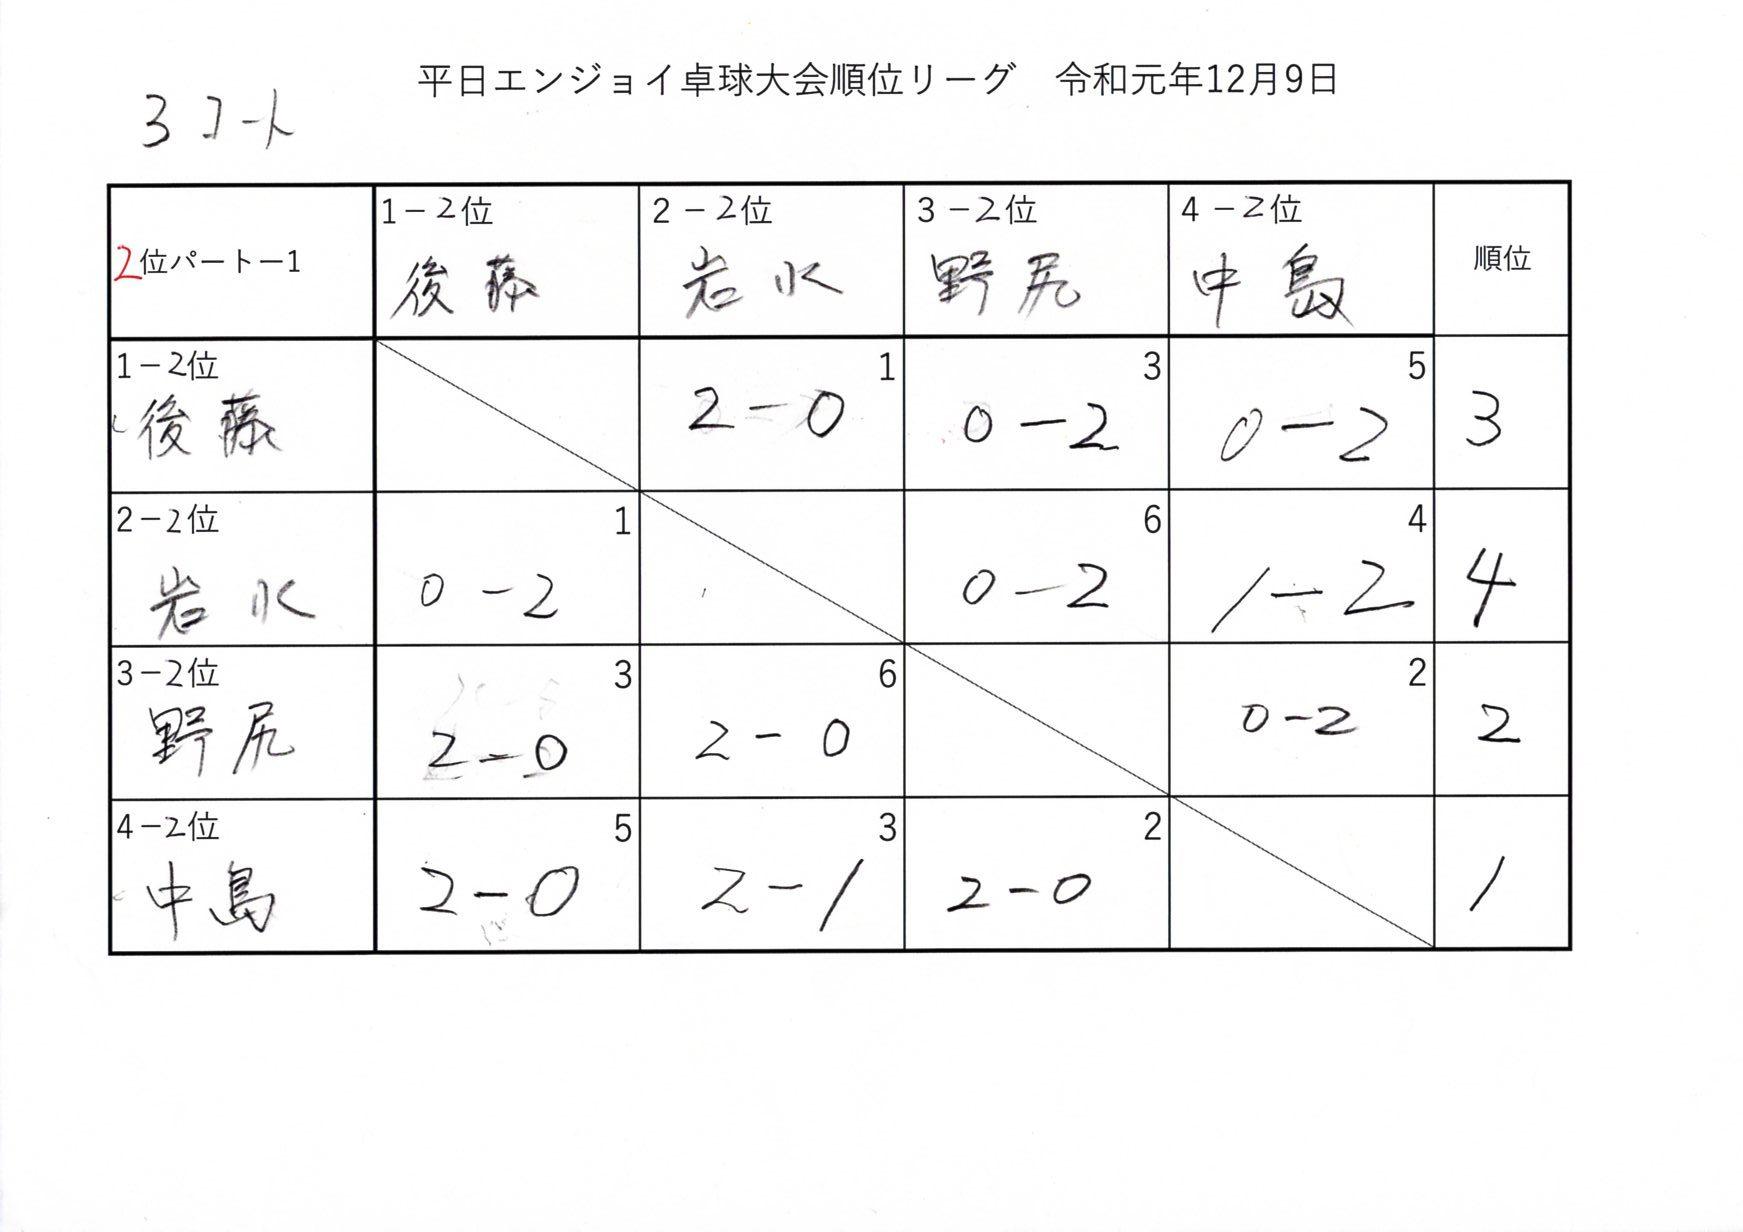 第2回平日エンジョイ卓球大会 順位リーグ